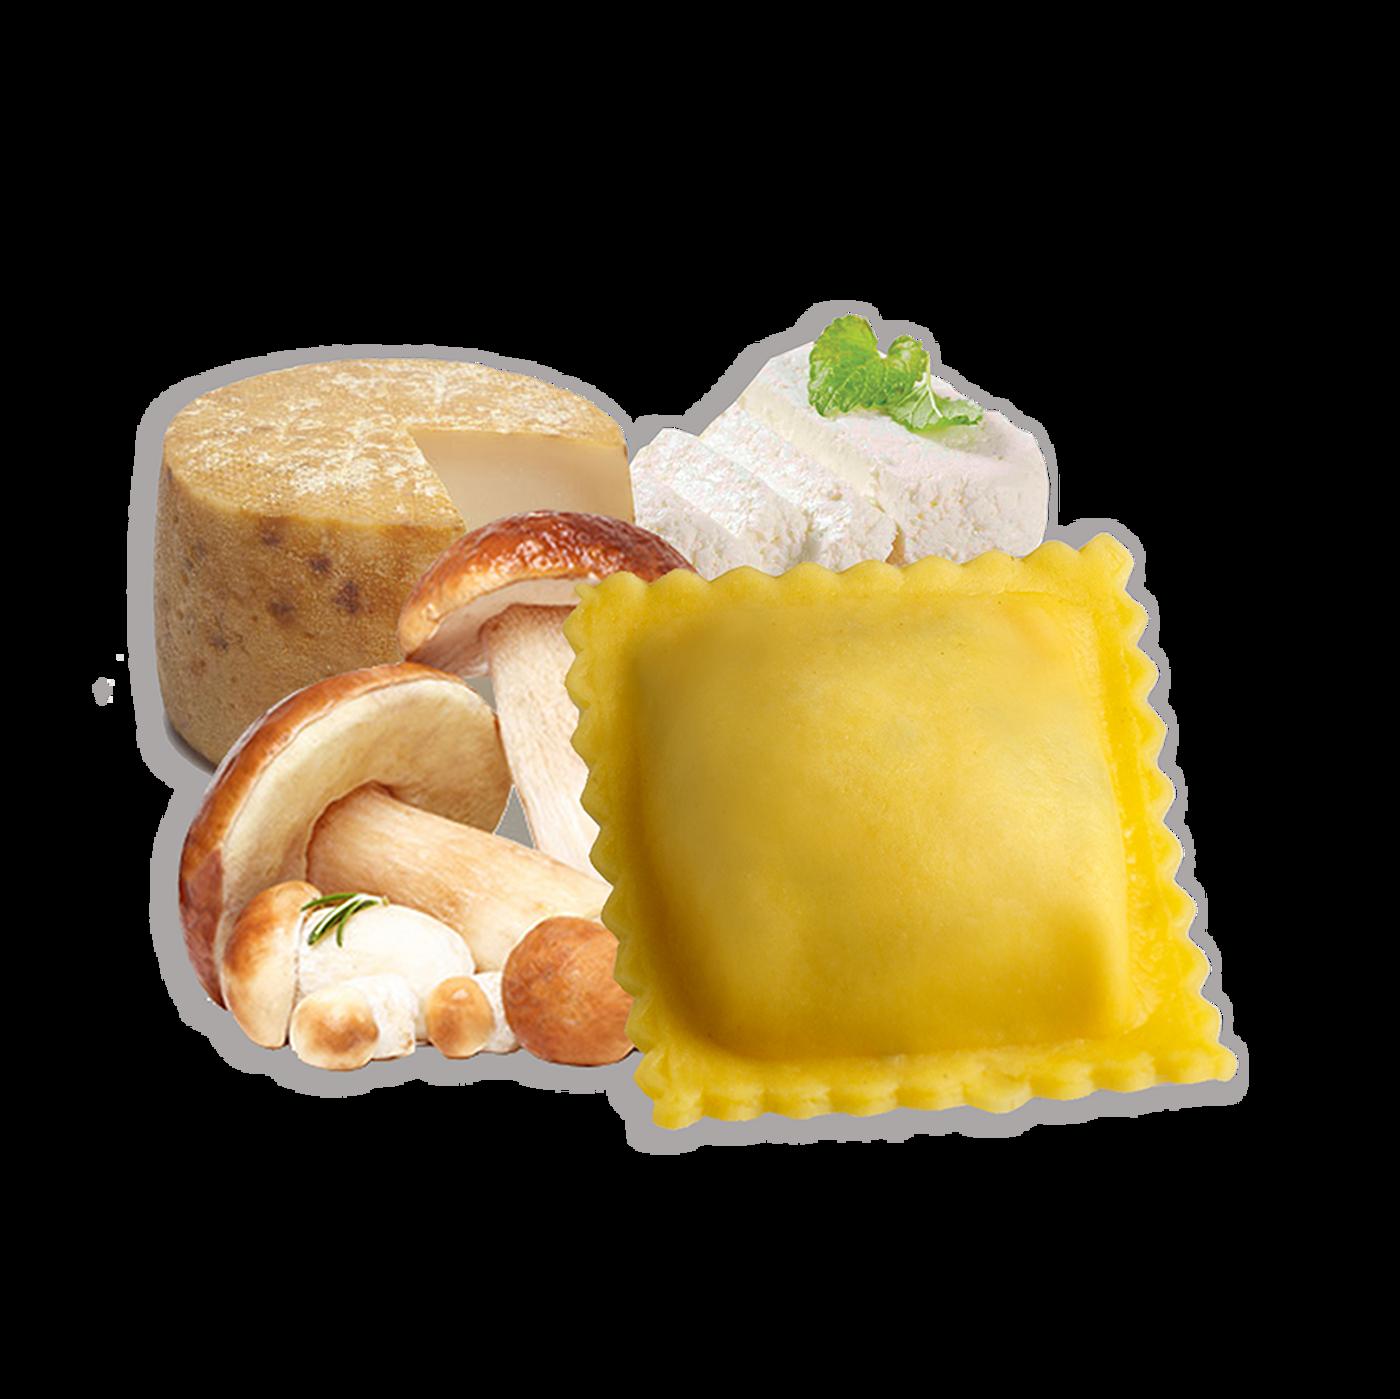 Ravioli Formaggio E Funghi Halal